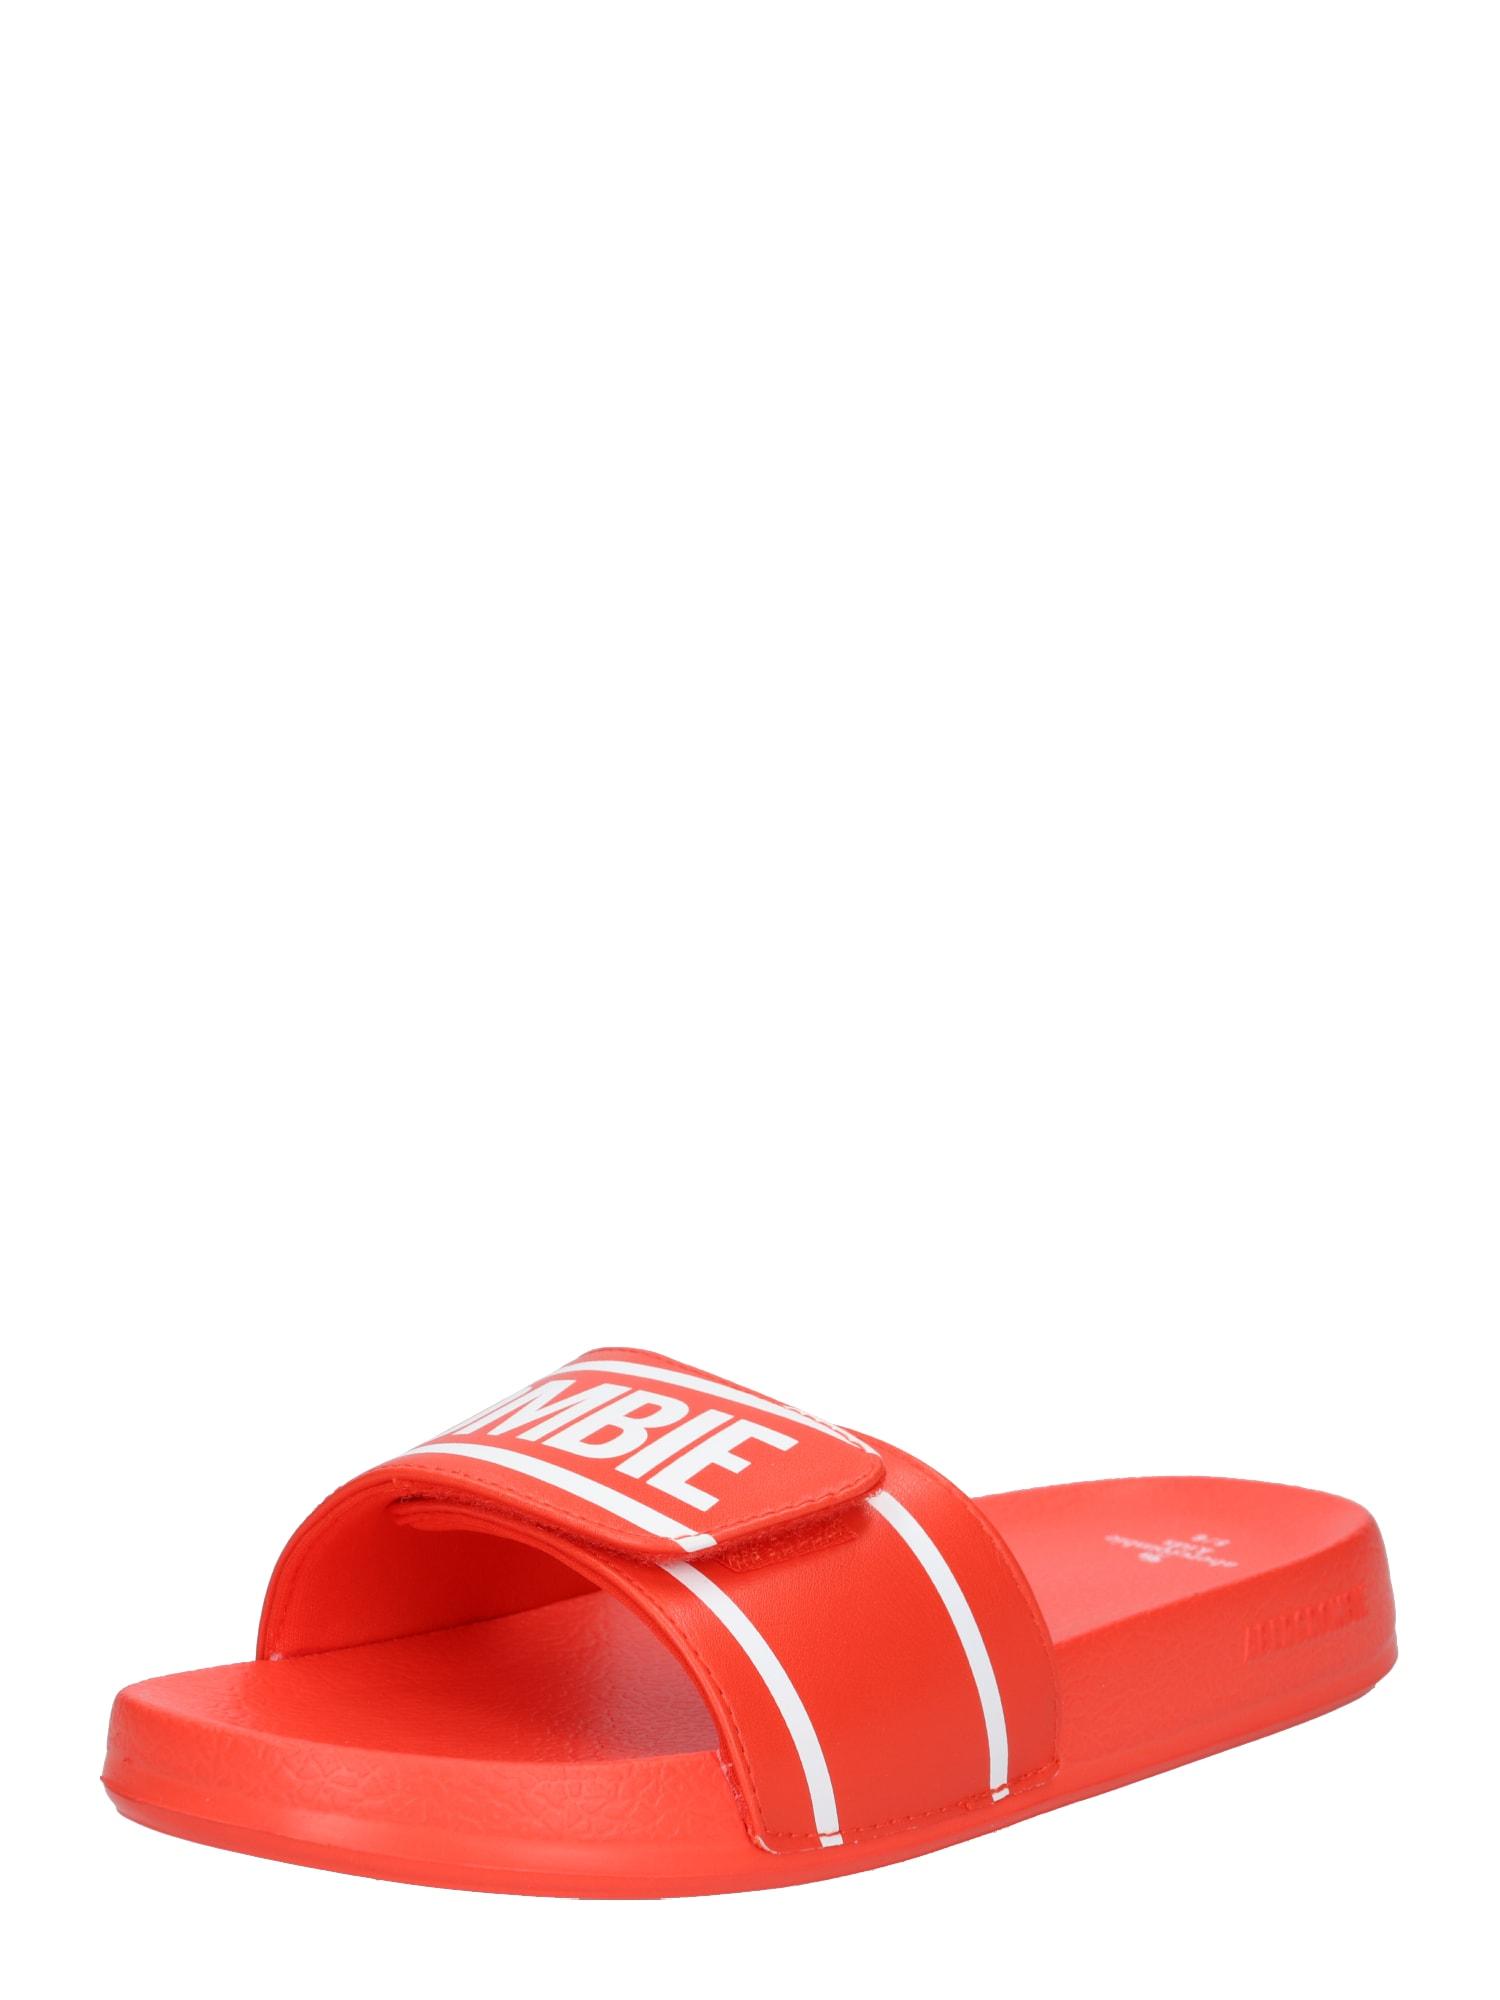 Plážovákoupací obuv červená Abercrombie & Fitch